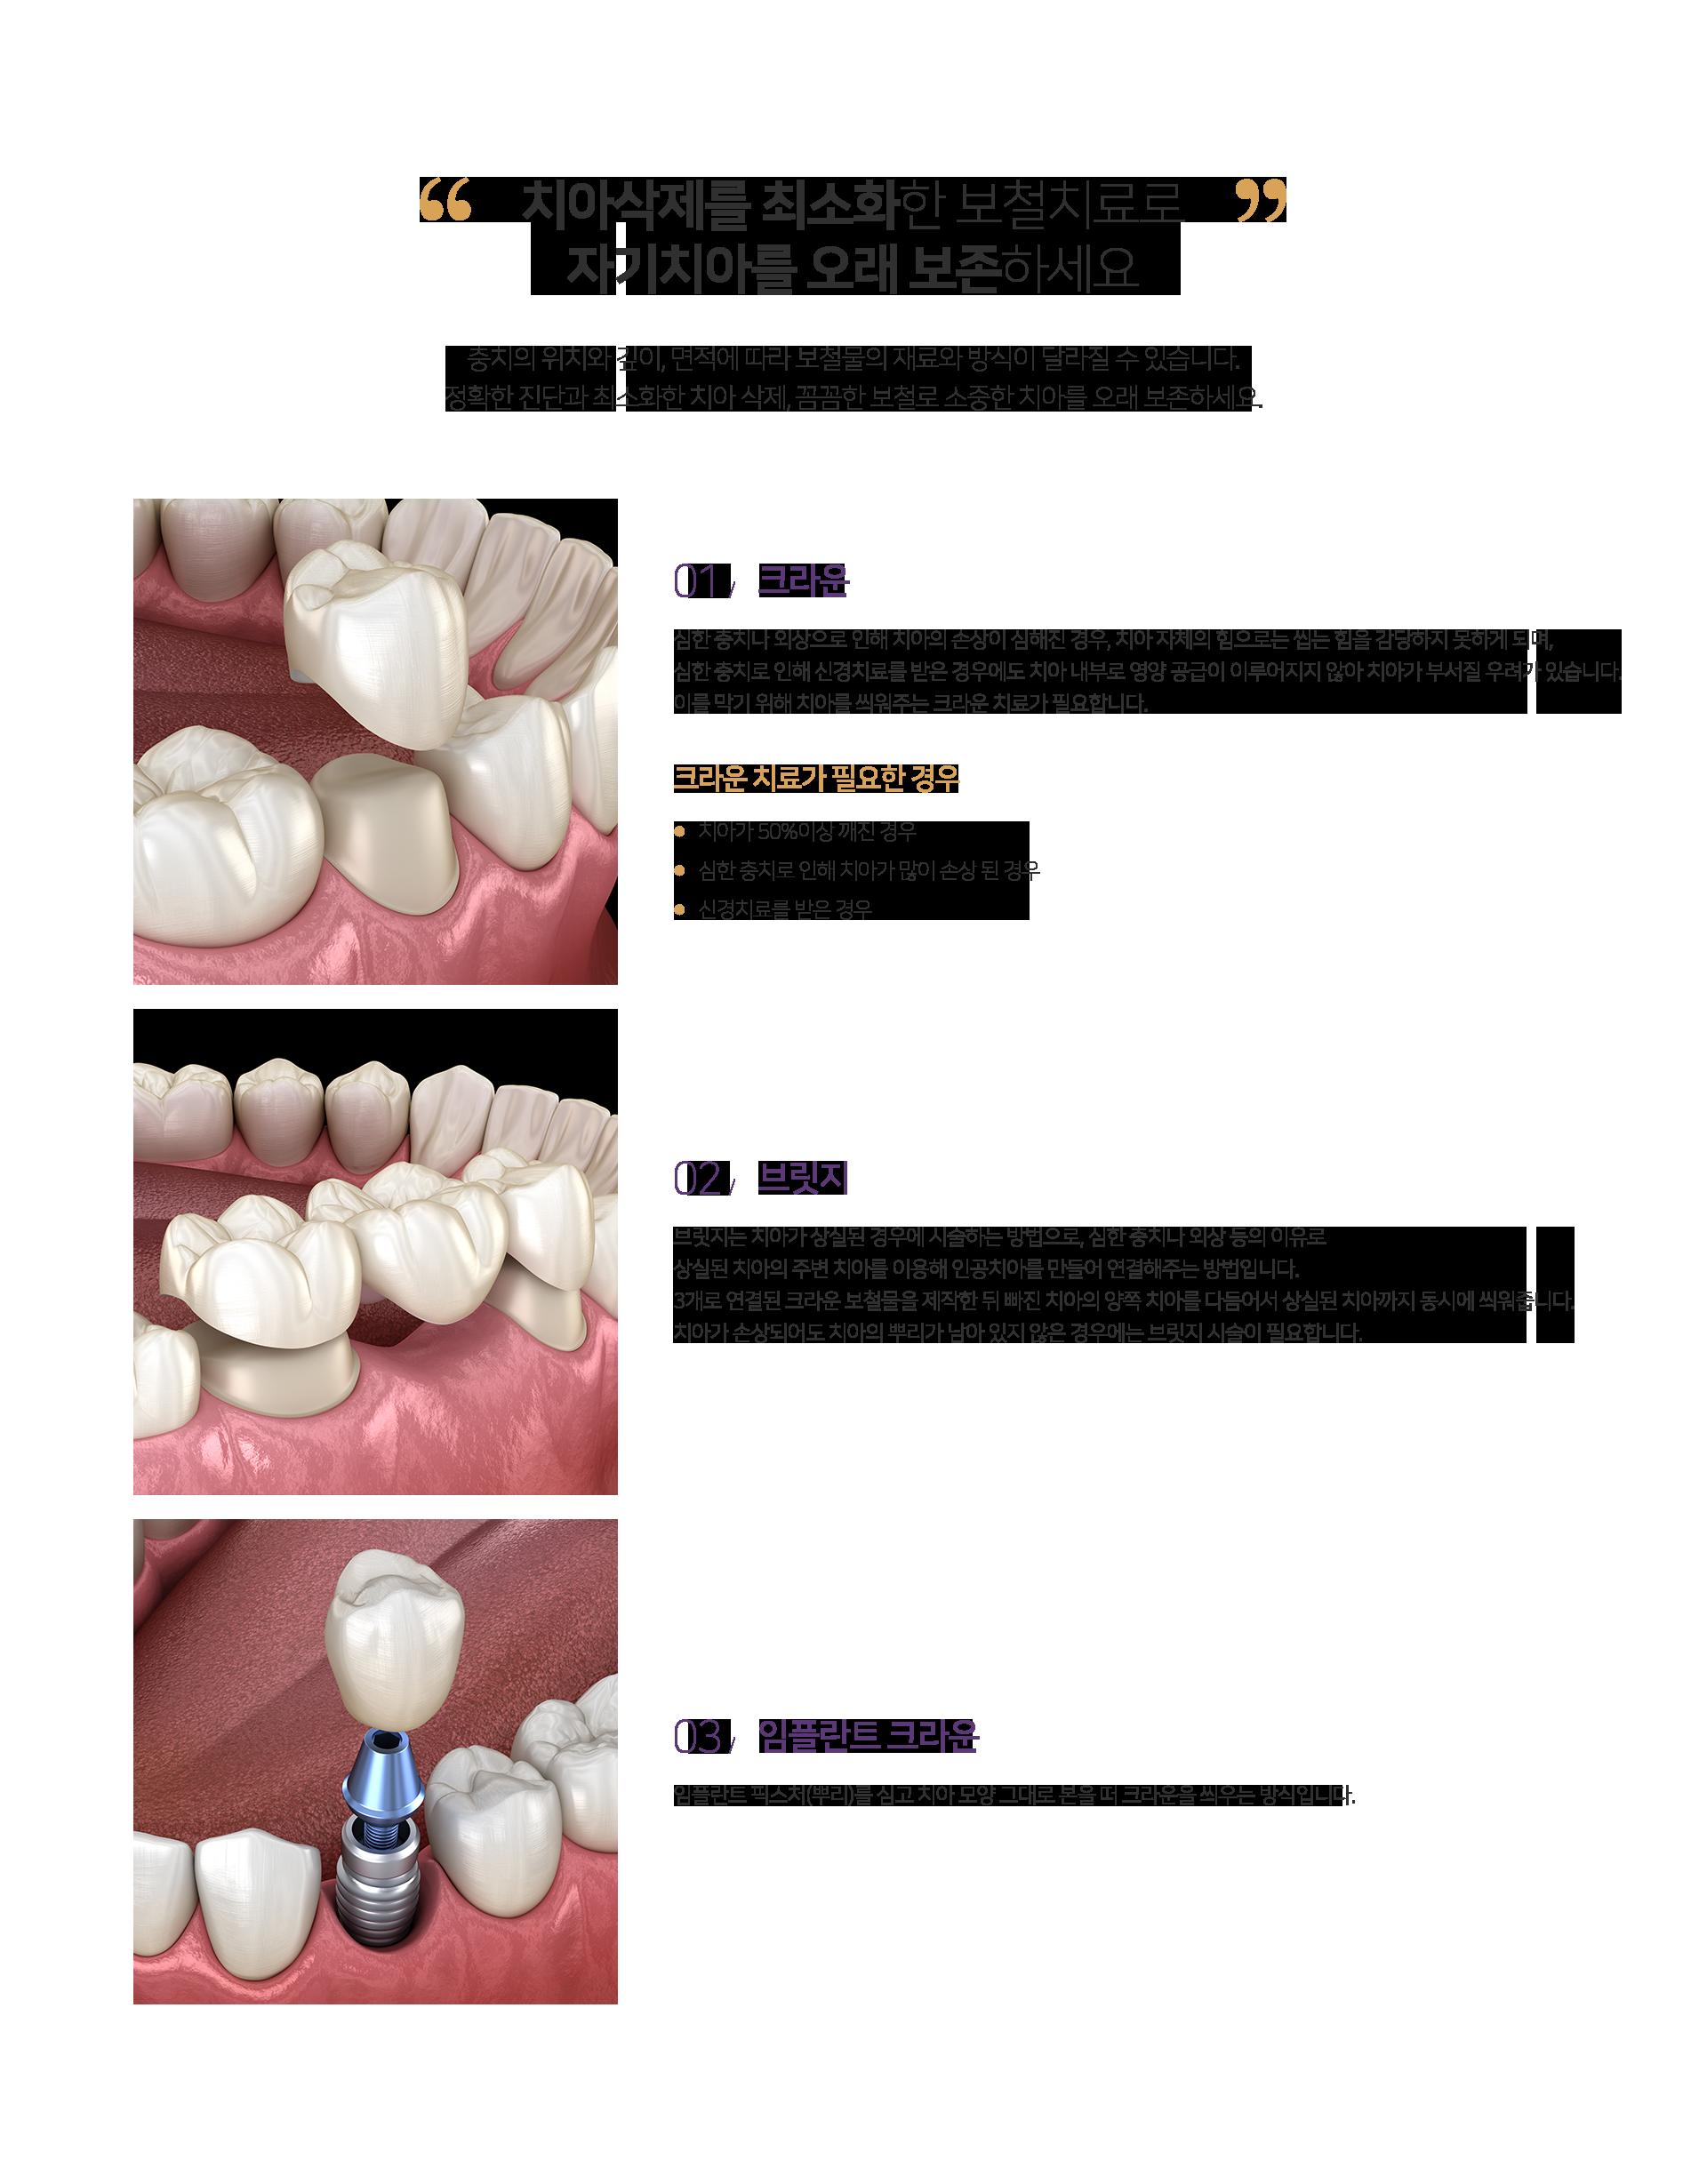 치아삭제를 최소화한 보철치료로 자기치아를 오래 보존하세요